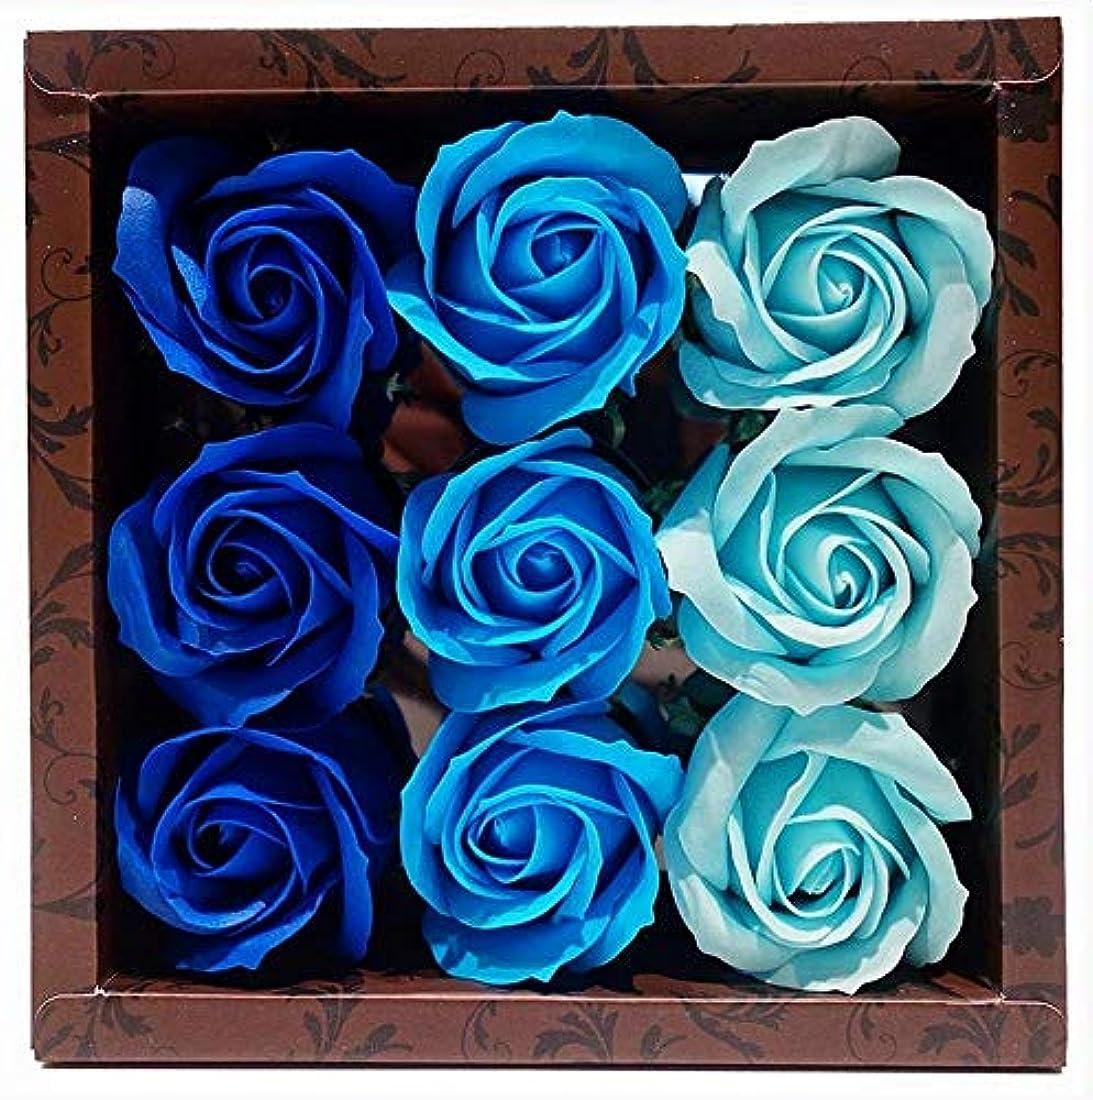 週末眉夢花のカタチの入浴料 ローズ バスフレグランス フラワーフレグランス バスフラワー (ブルー)